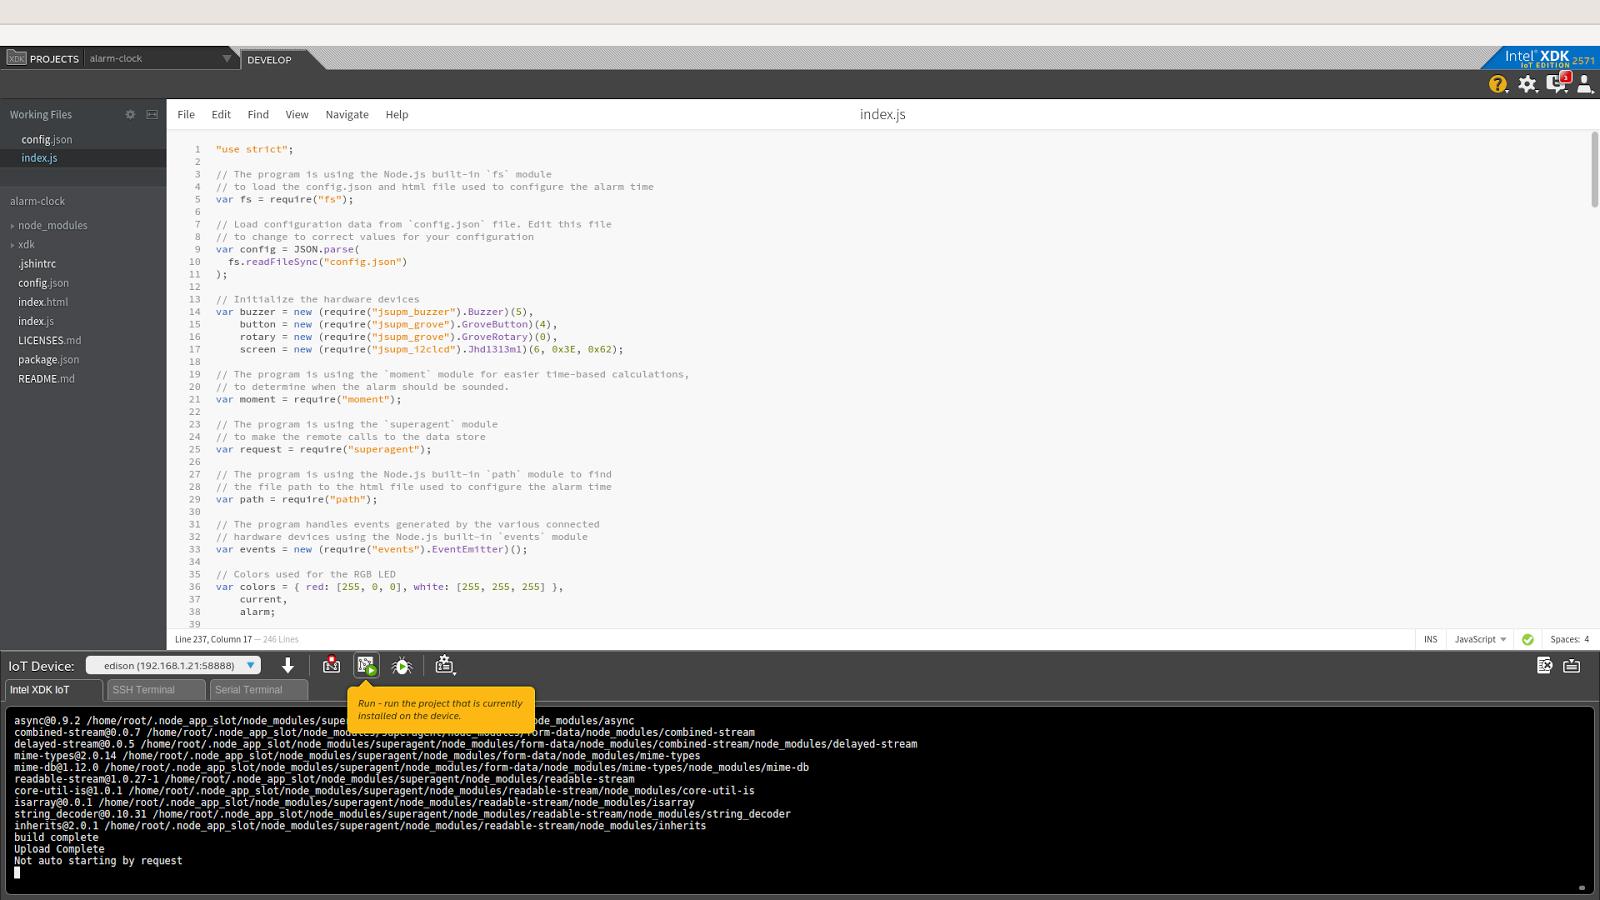 Примеры кода для интернета вещей: умная поливалка - 7